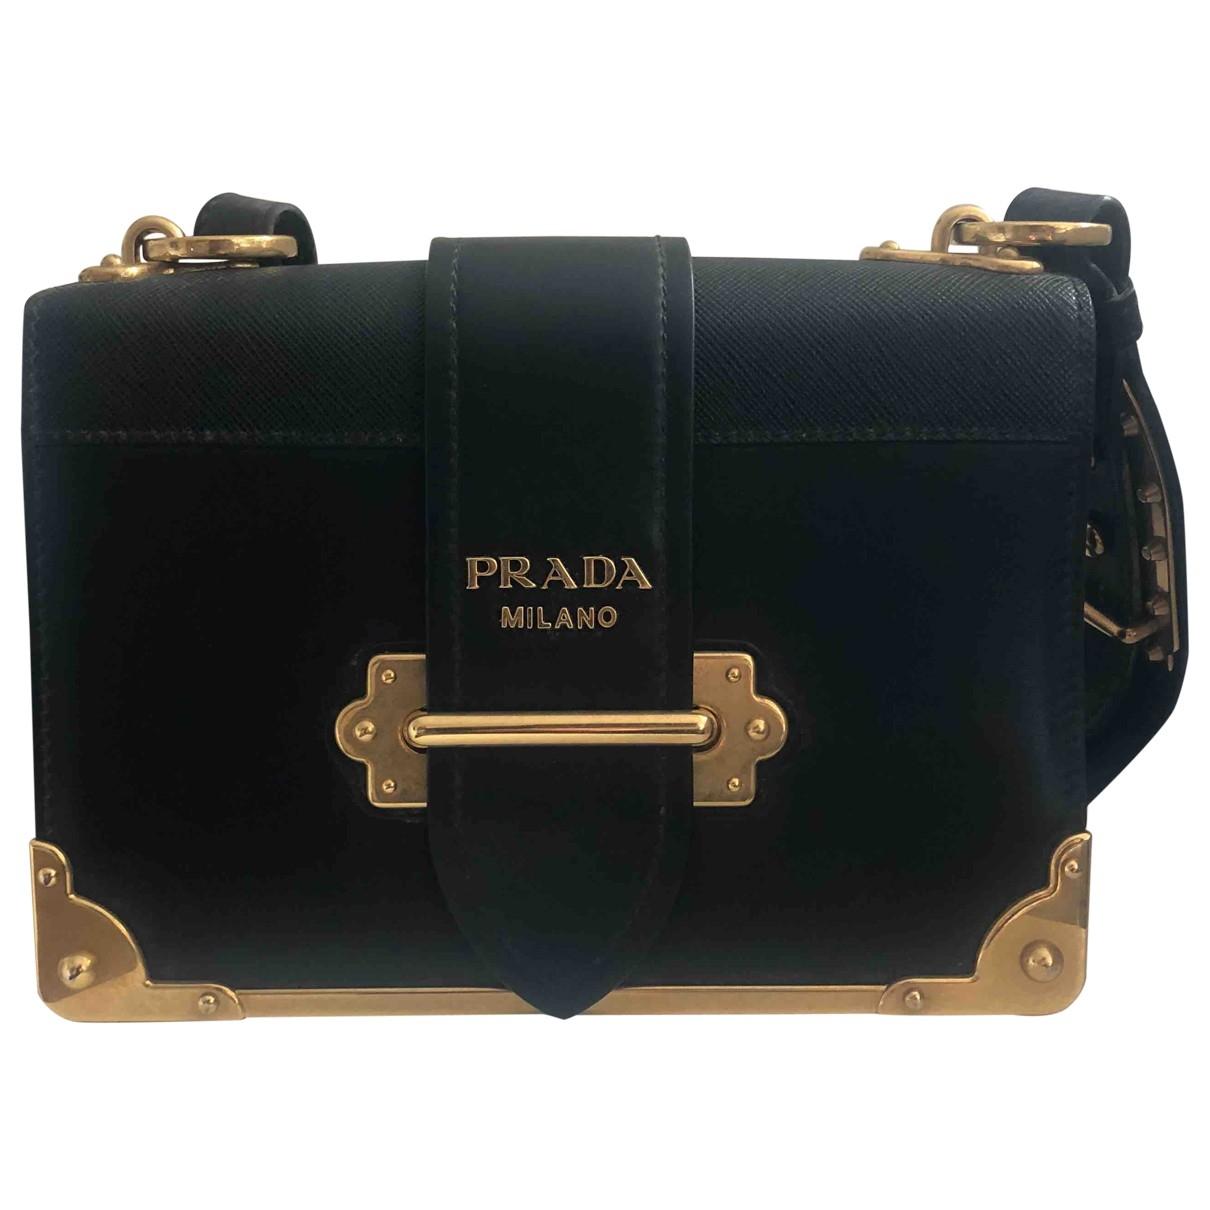 Prada - Sac a main Cahier pour femme en cuir - noir